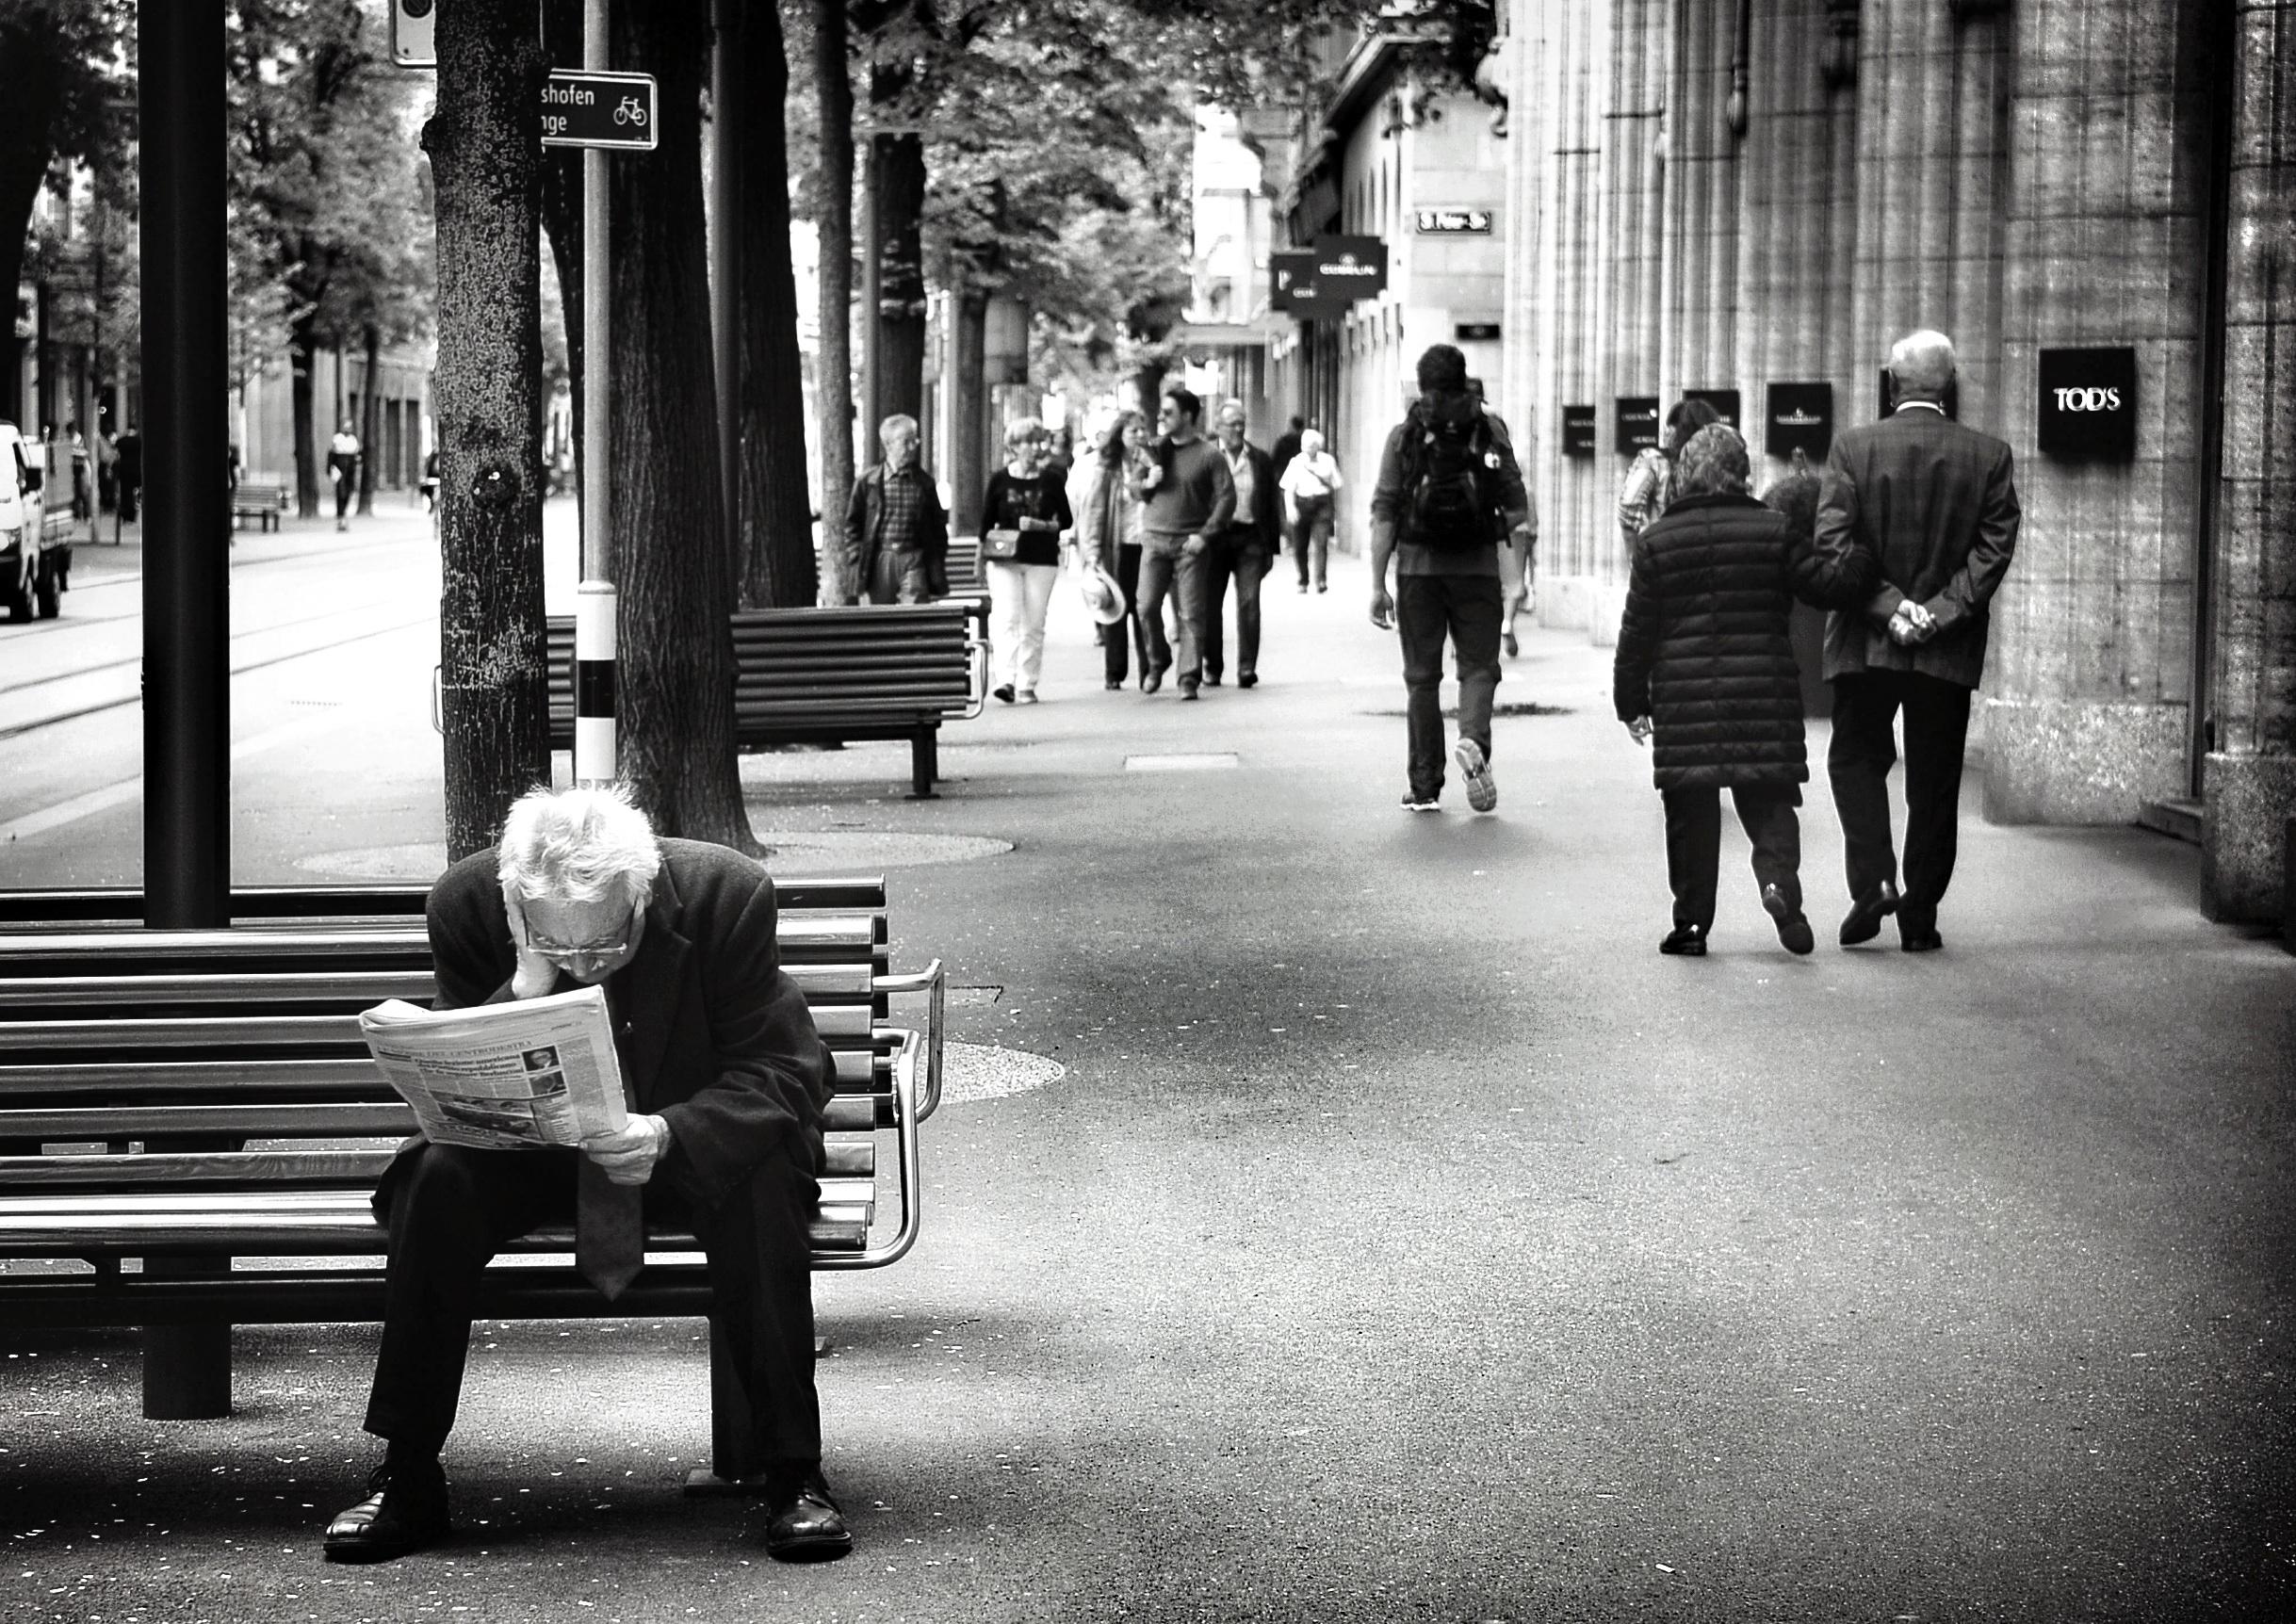 пробует постеры черно белое фото городская жизнь выбирает материал